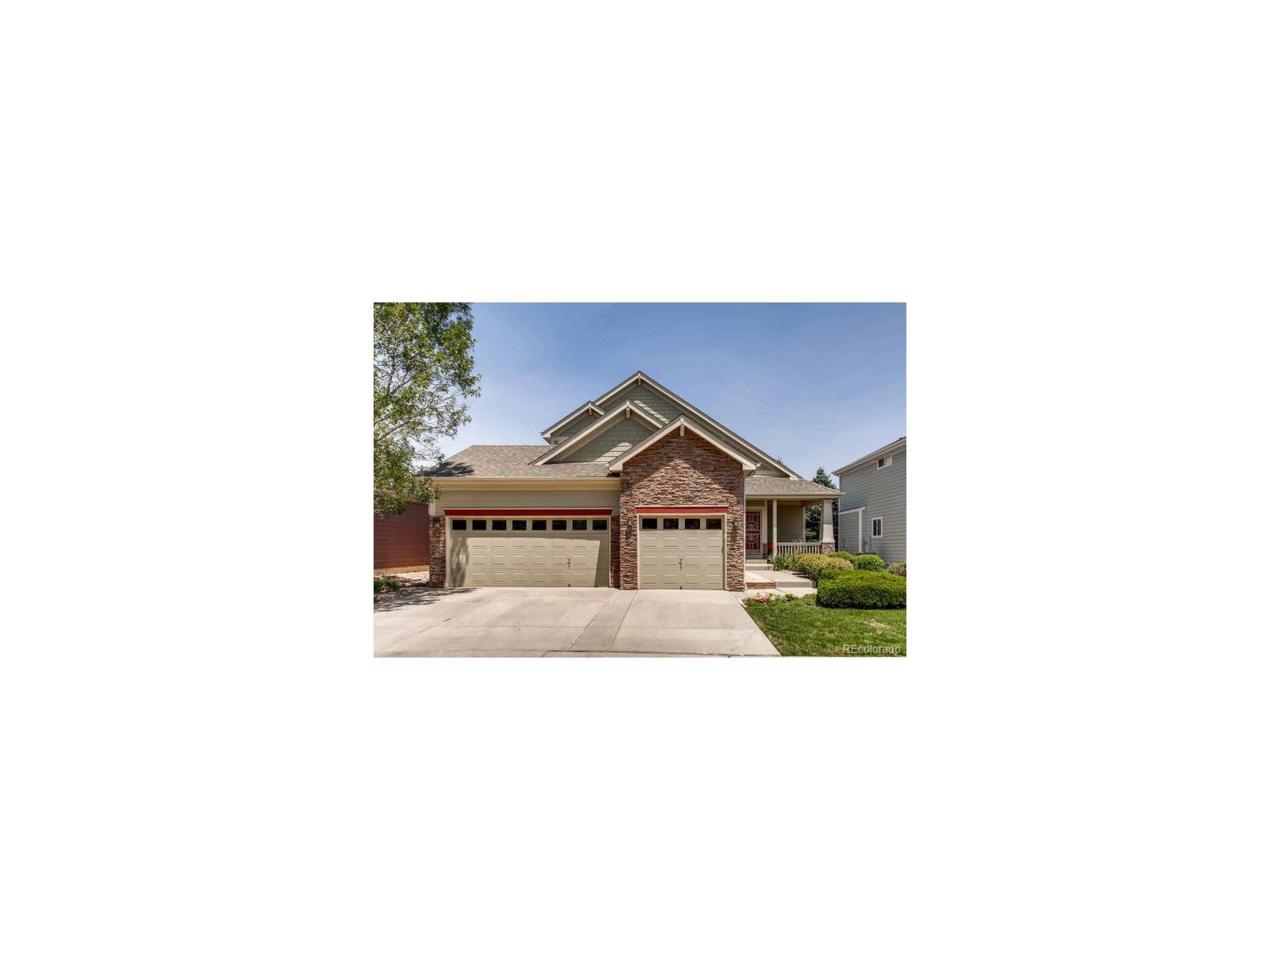 1631 Red Poppy Drive, Brighton, CO 80601 (MLS #7231834) :: 8z Real Estate